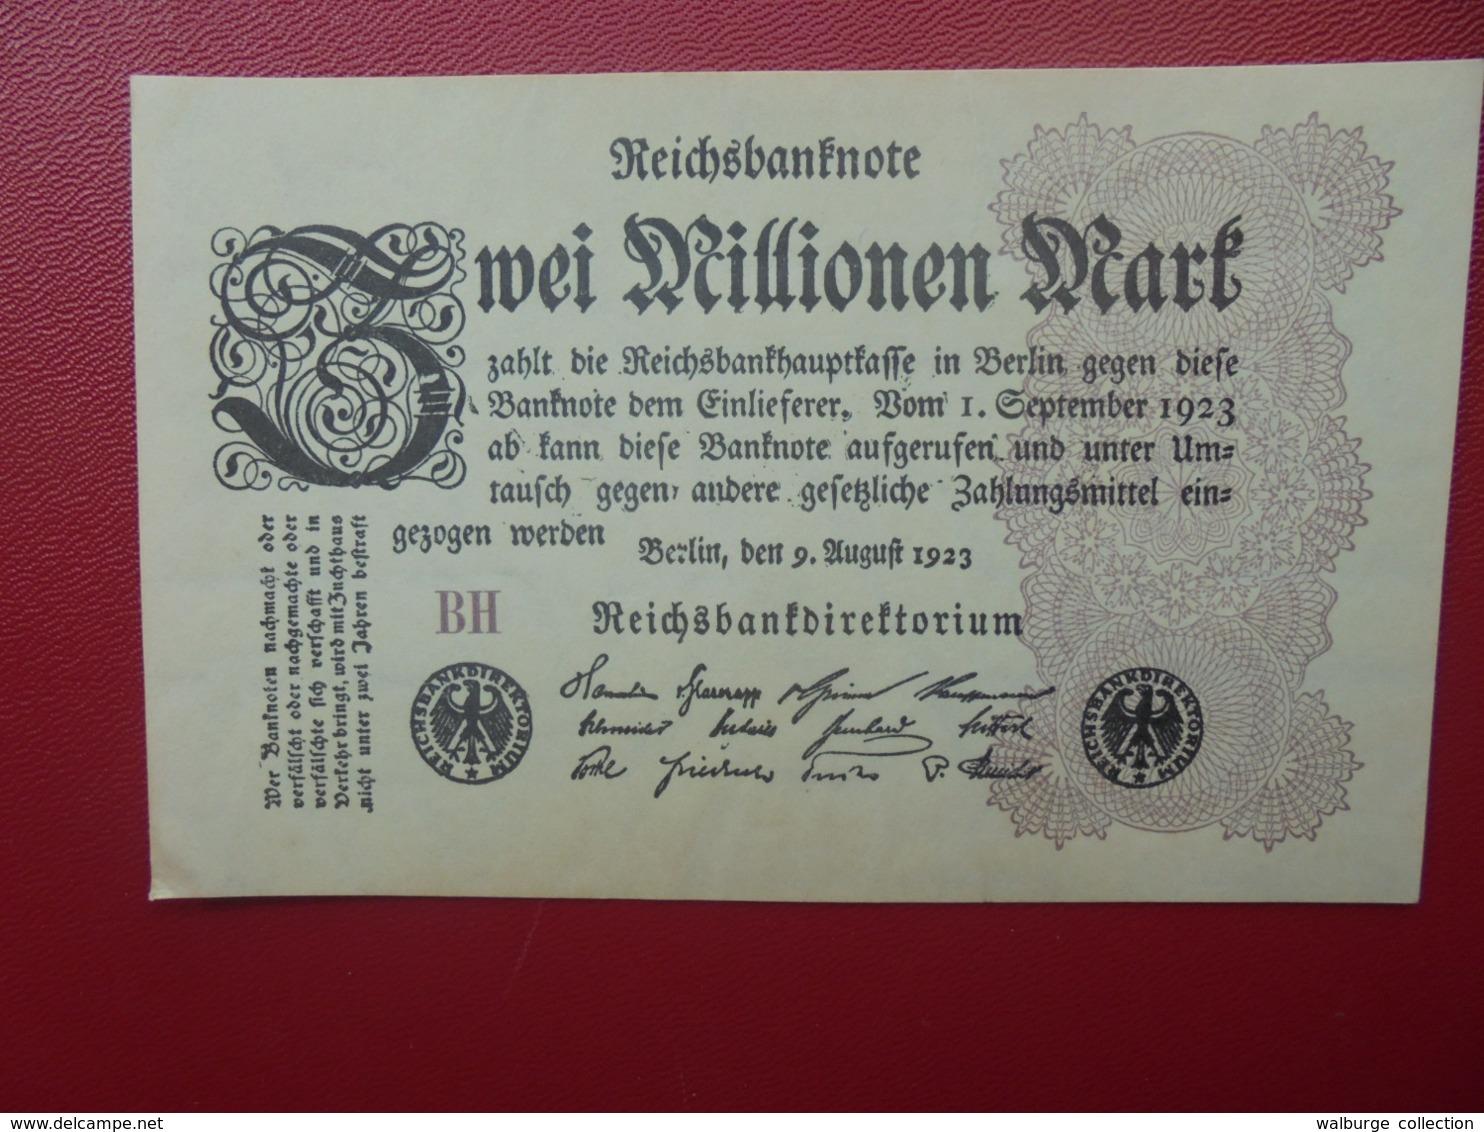 Reichsbanknote :2 MILLIONEN MARK 1923 CIRCULER (B.4) - 2 Millionen Mark